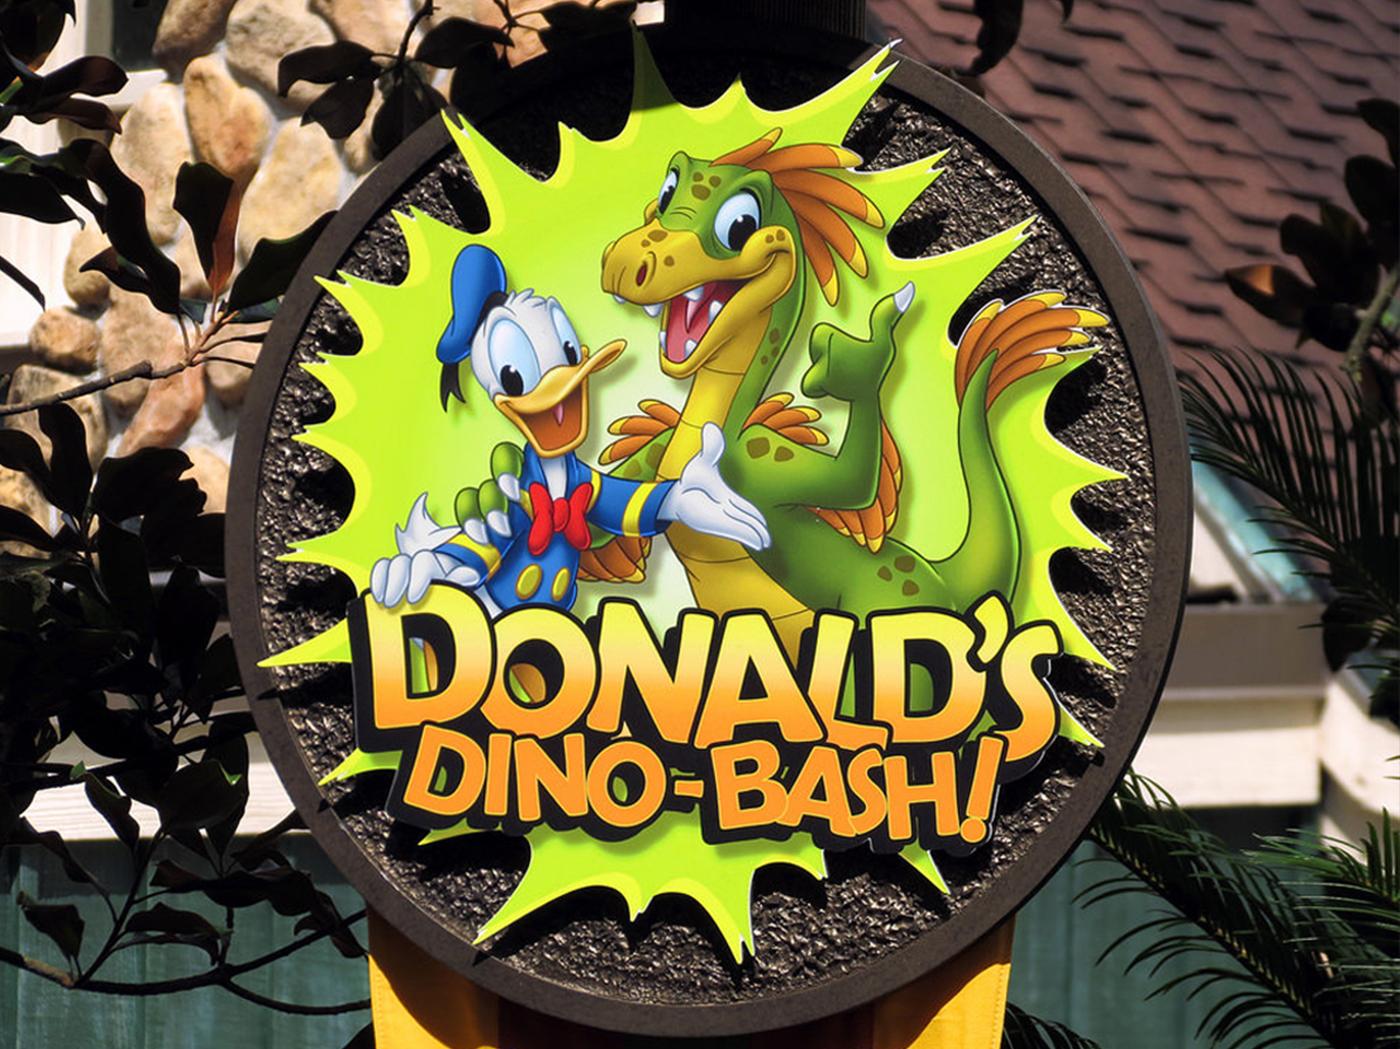 fl-te-donal duck dino-bash 7.jpg